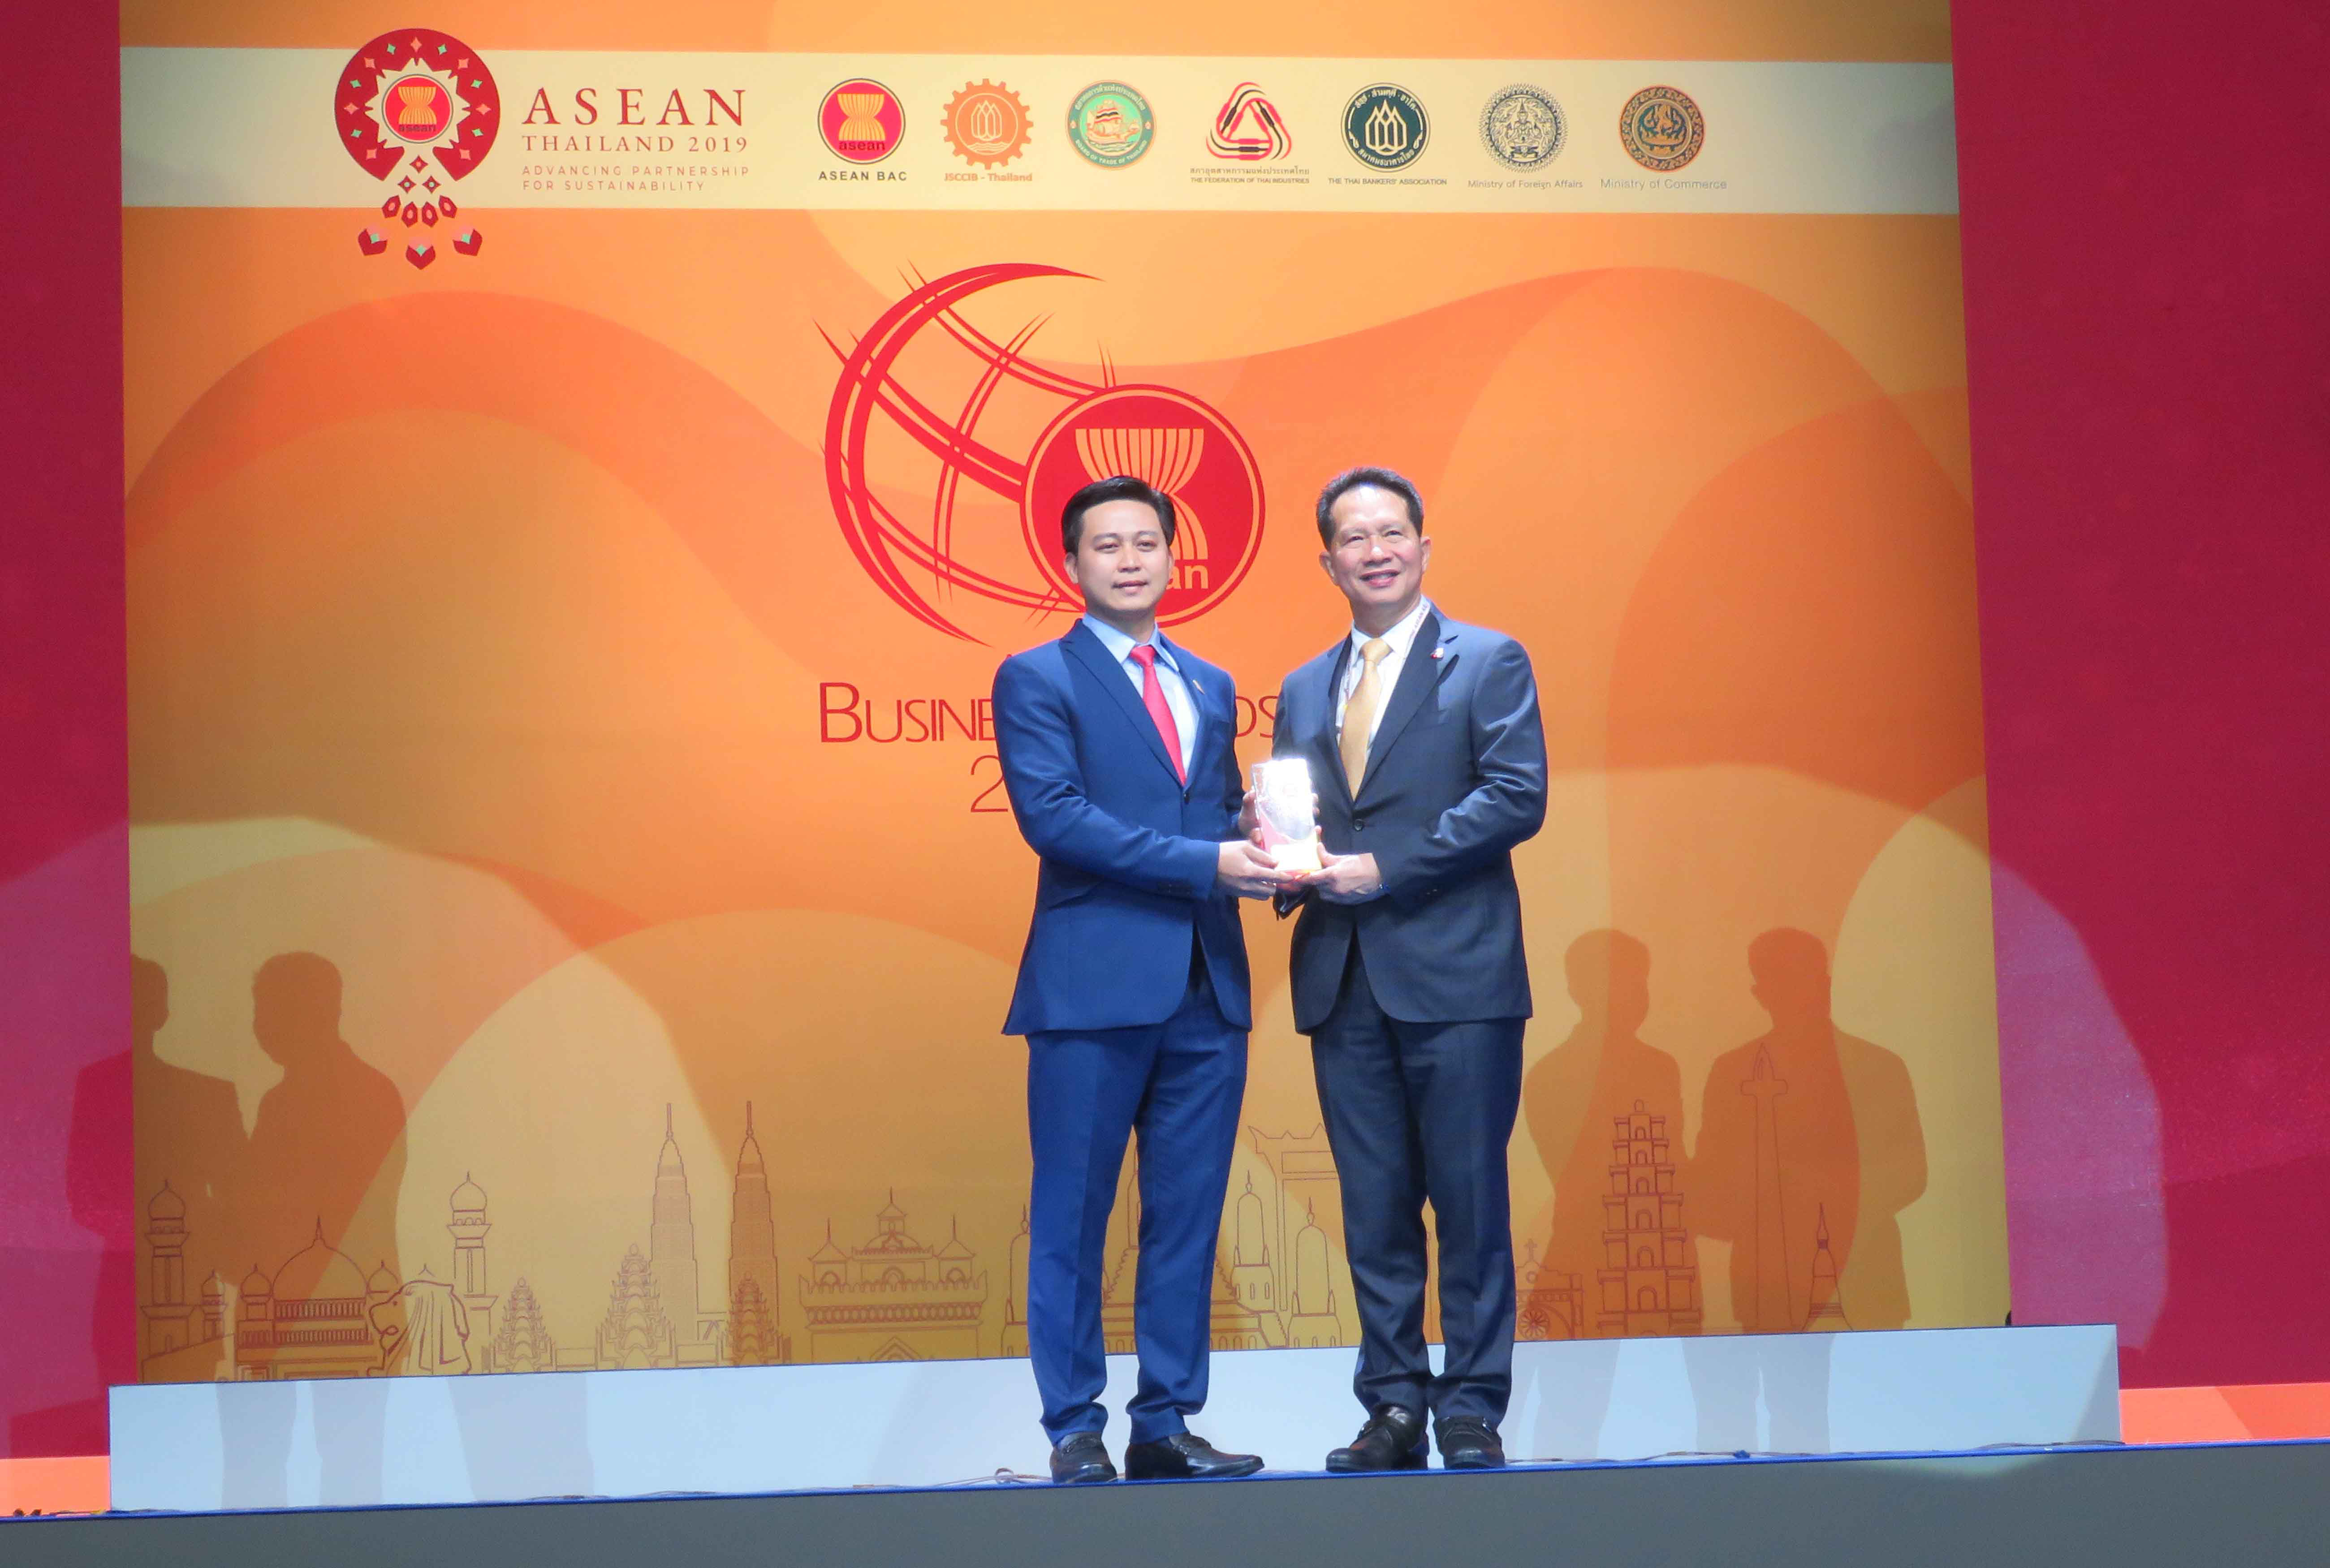 Yến sào Khánh Hoà nhận giải thưởng Doanh Nghiệp ASEAN (ABA)